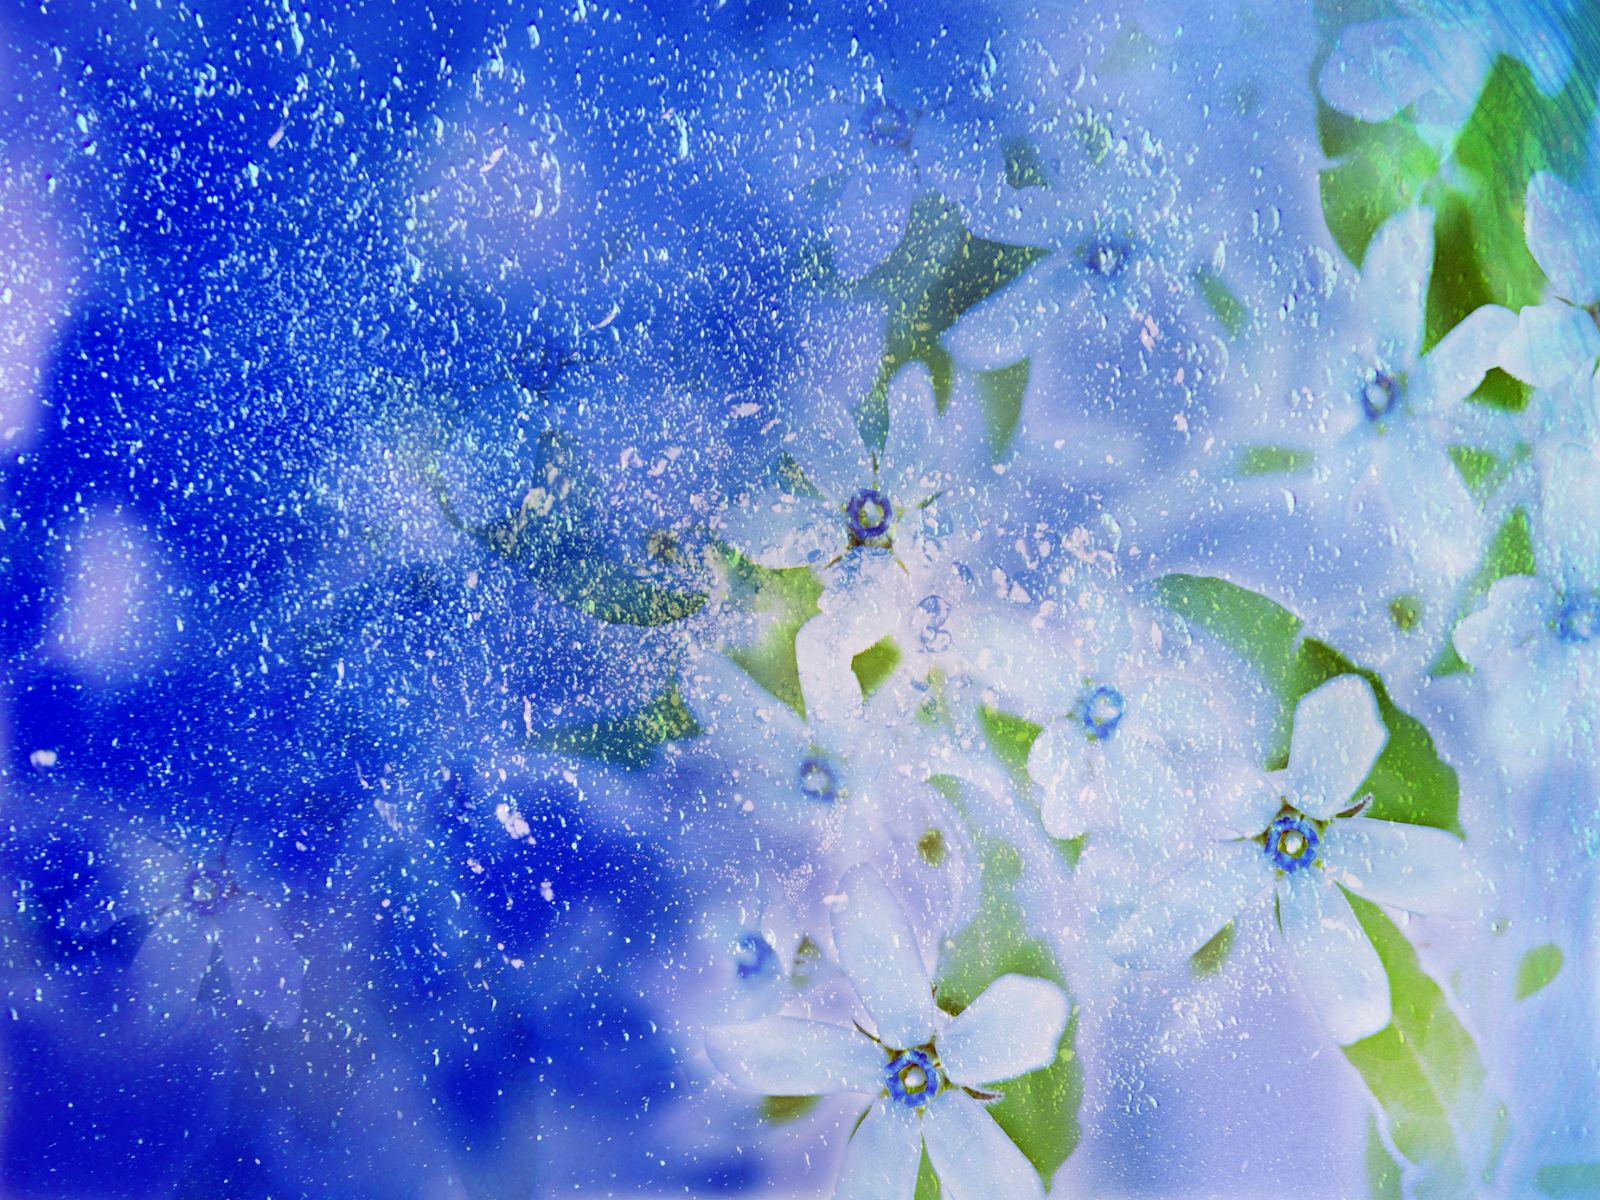 Цветы 1600 x 1200